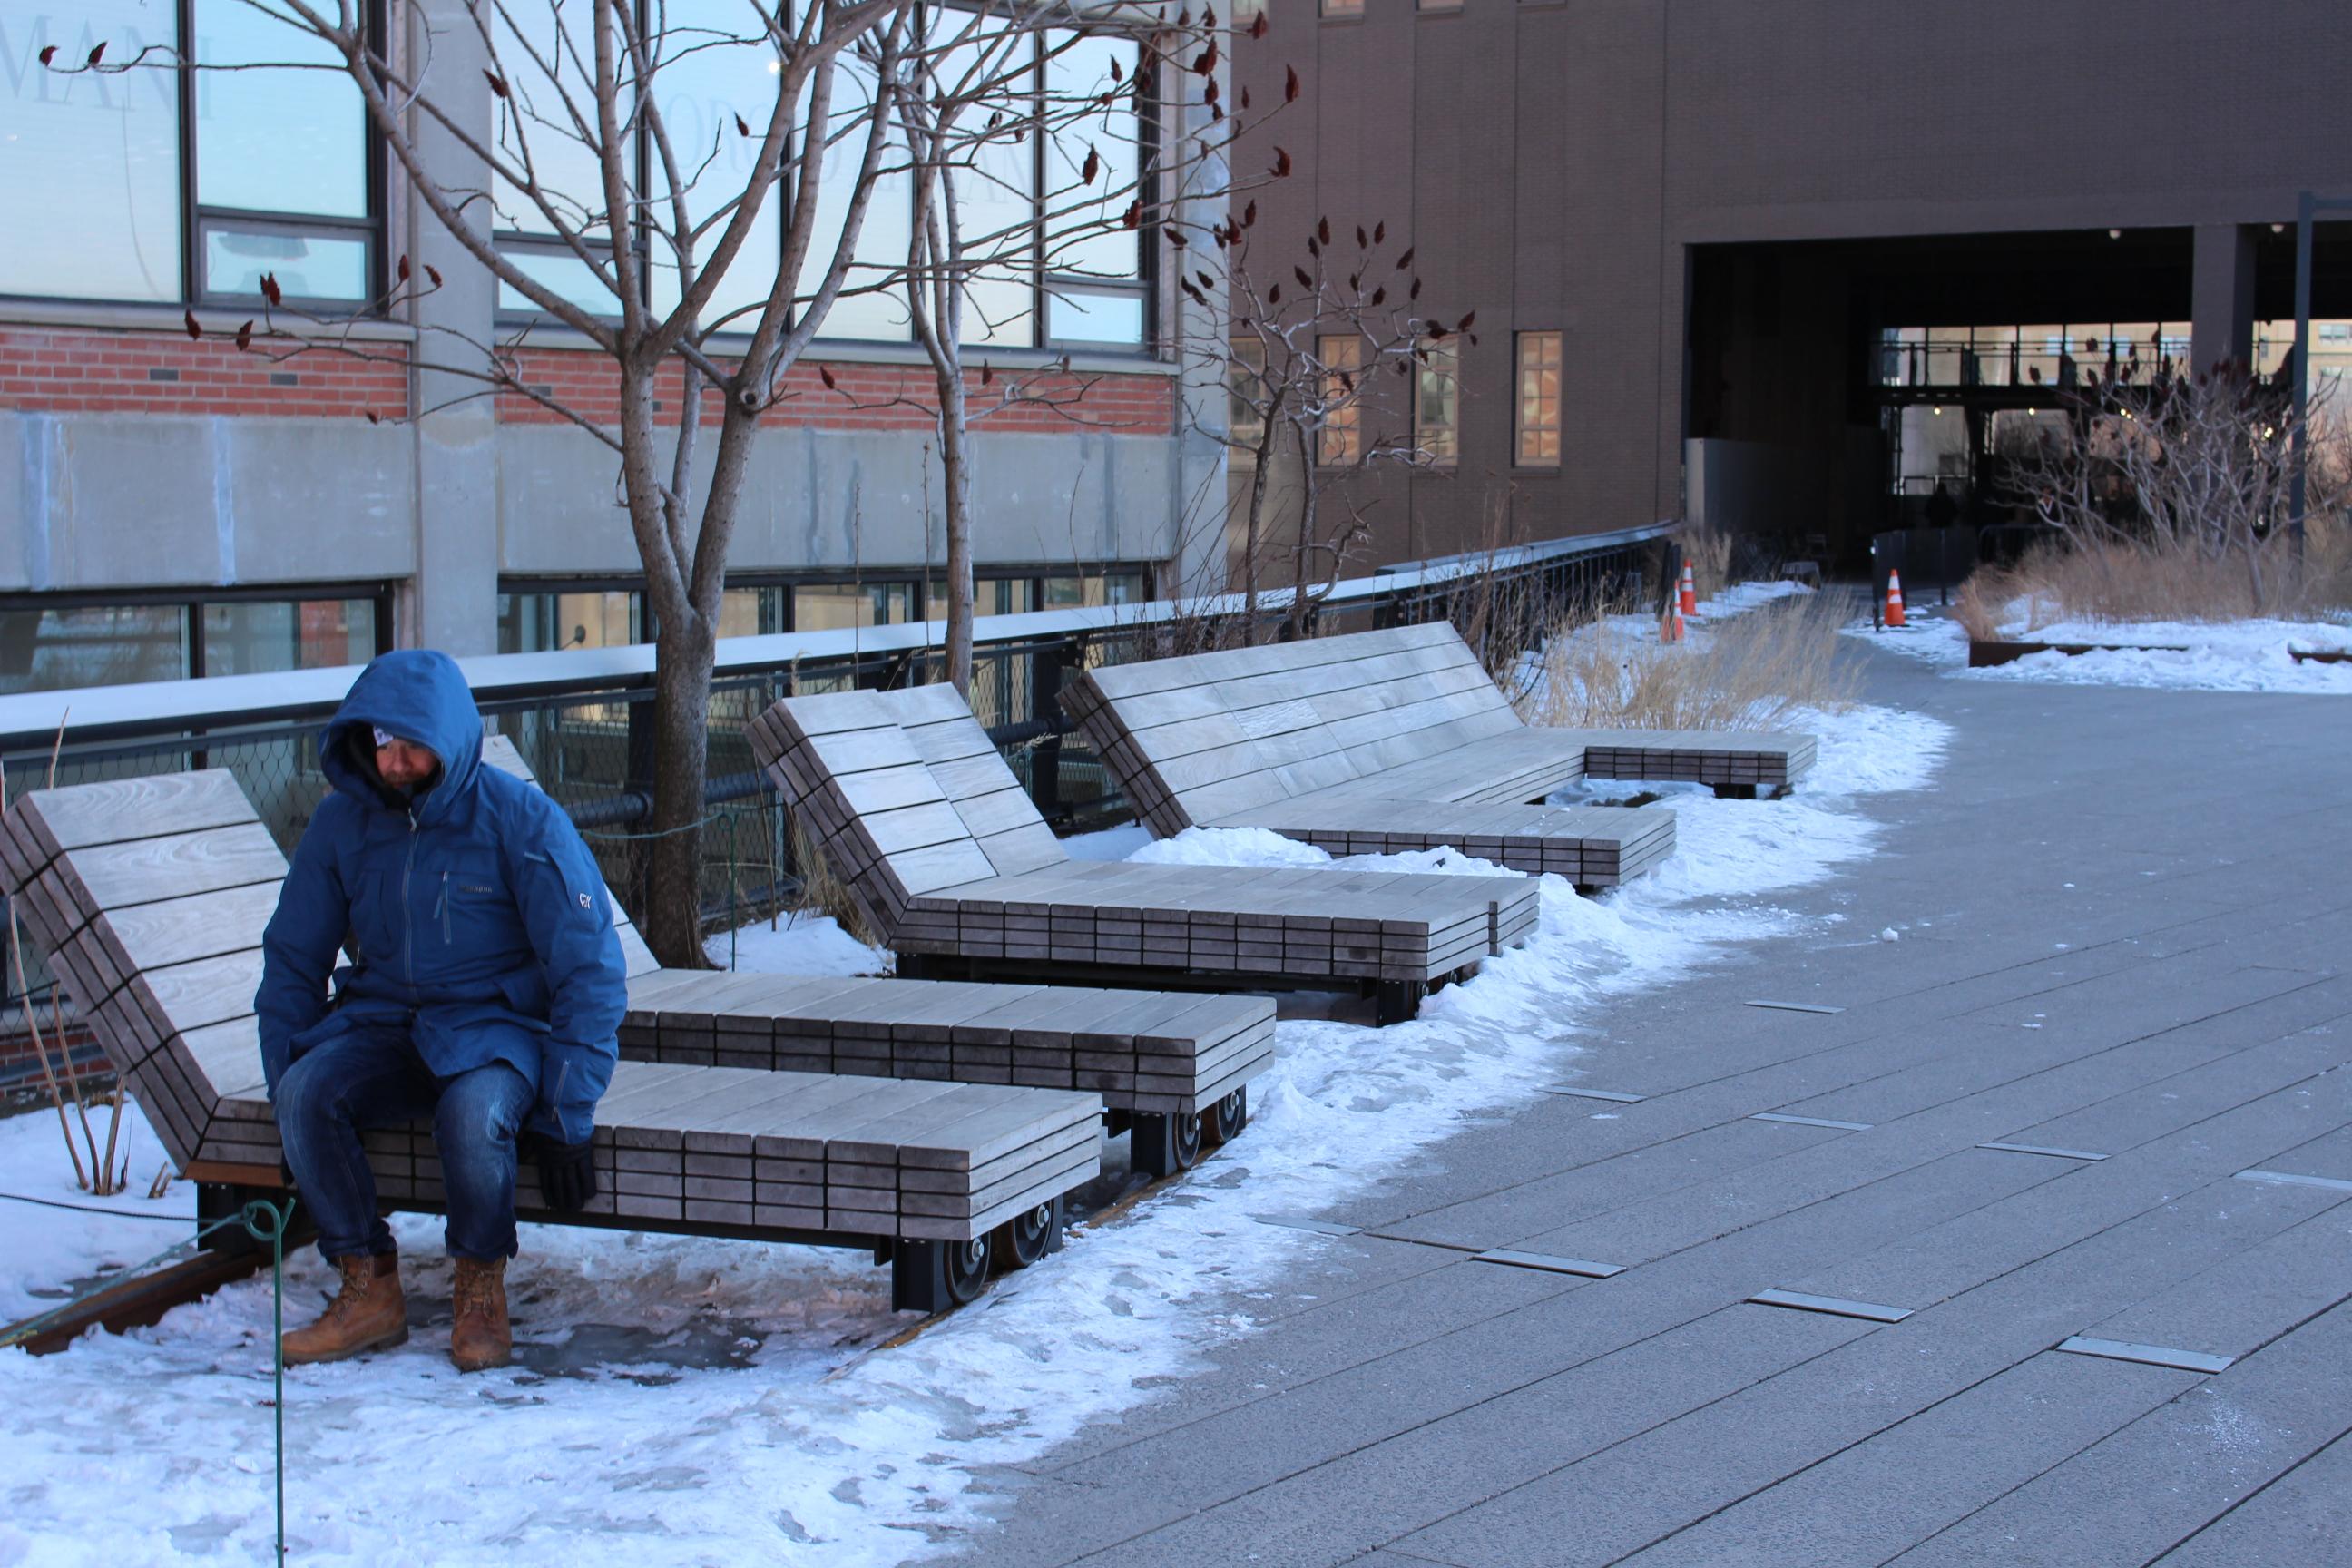 Bänk utomhus - inspiration från The Highline i nyc - Sands & Co ...